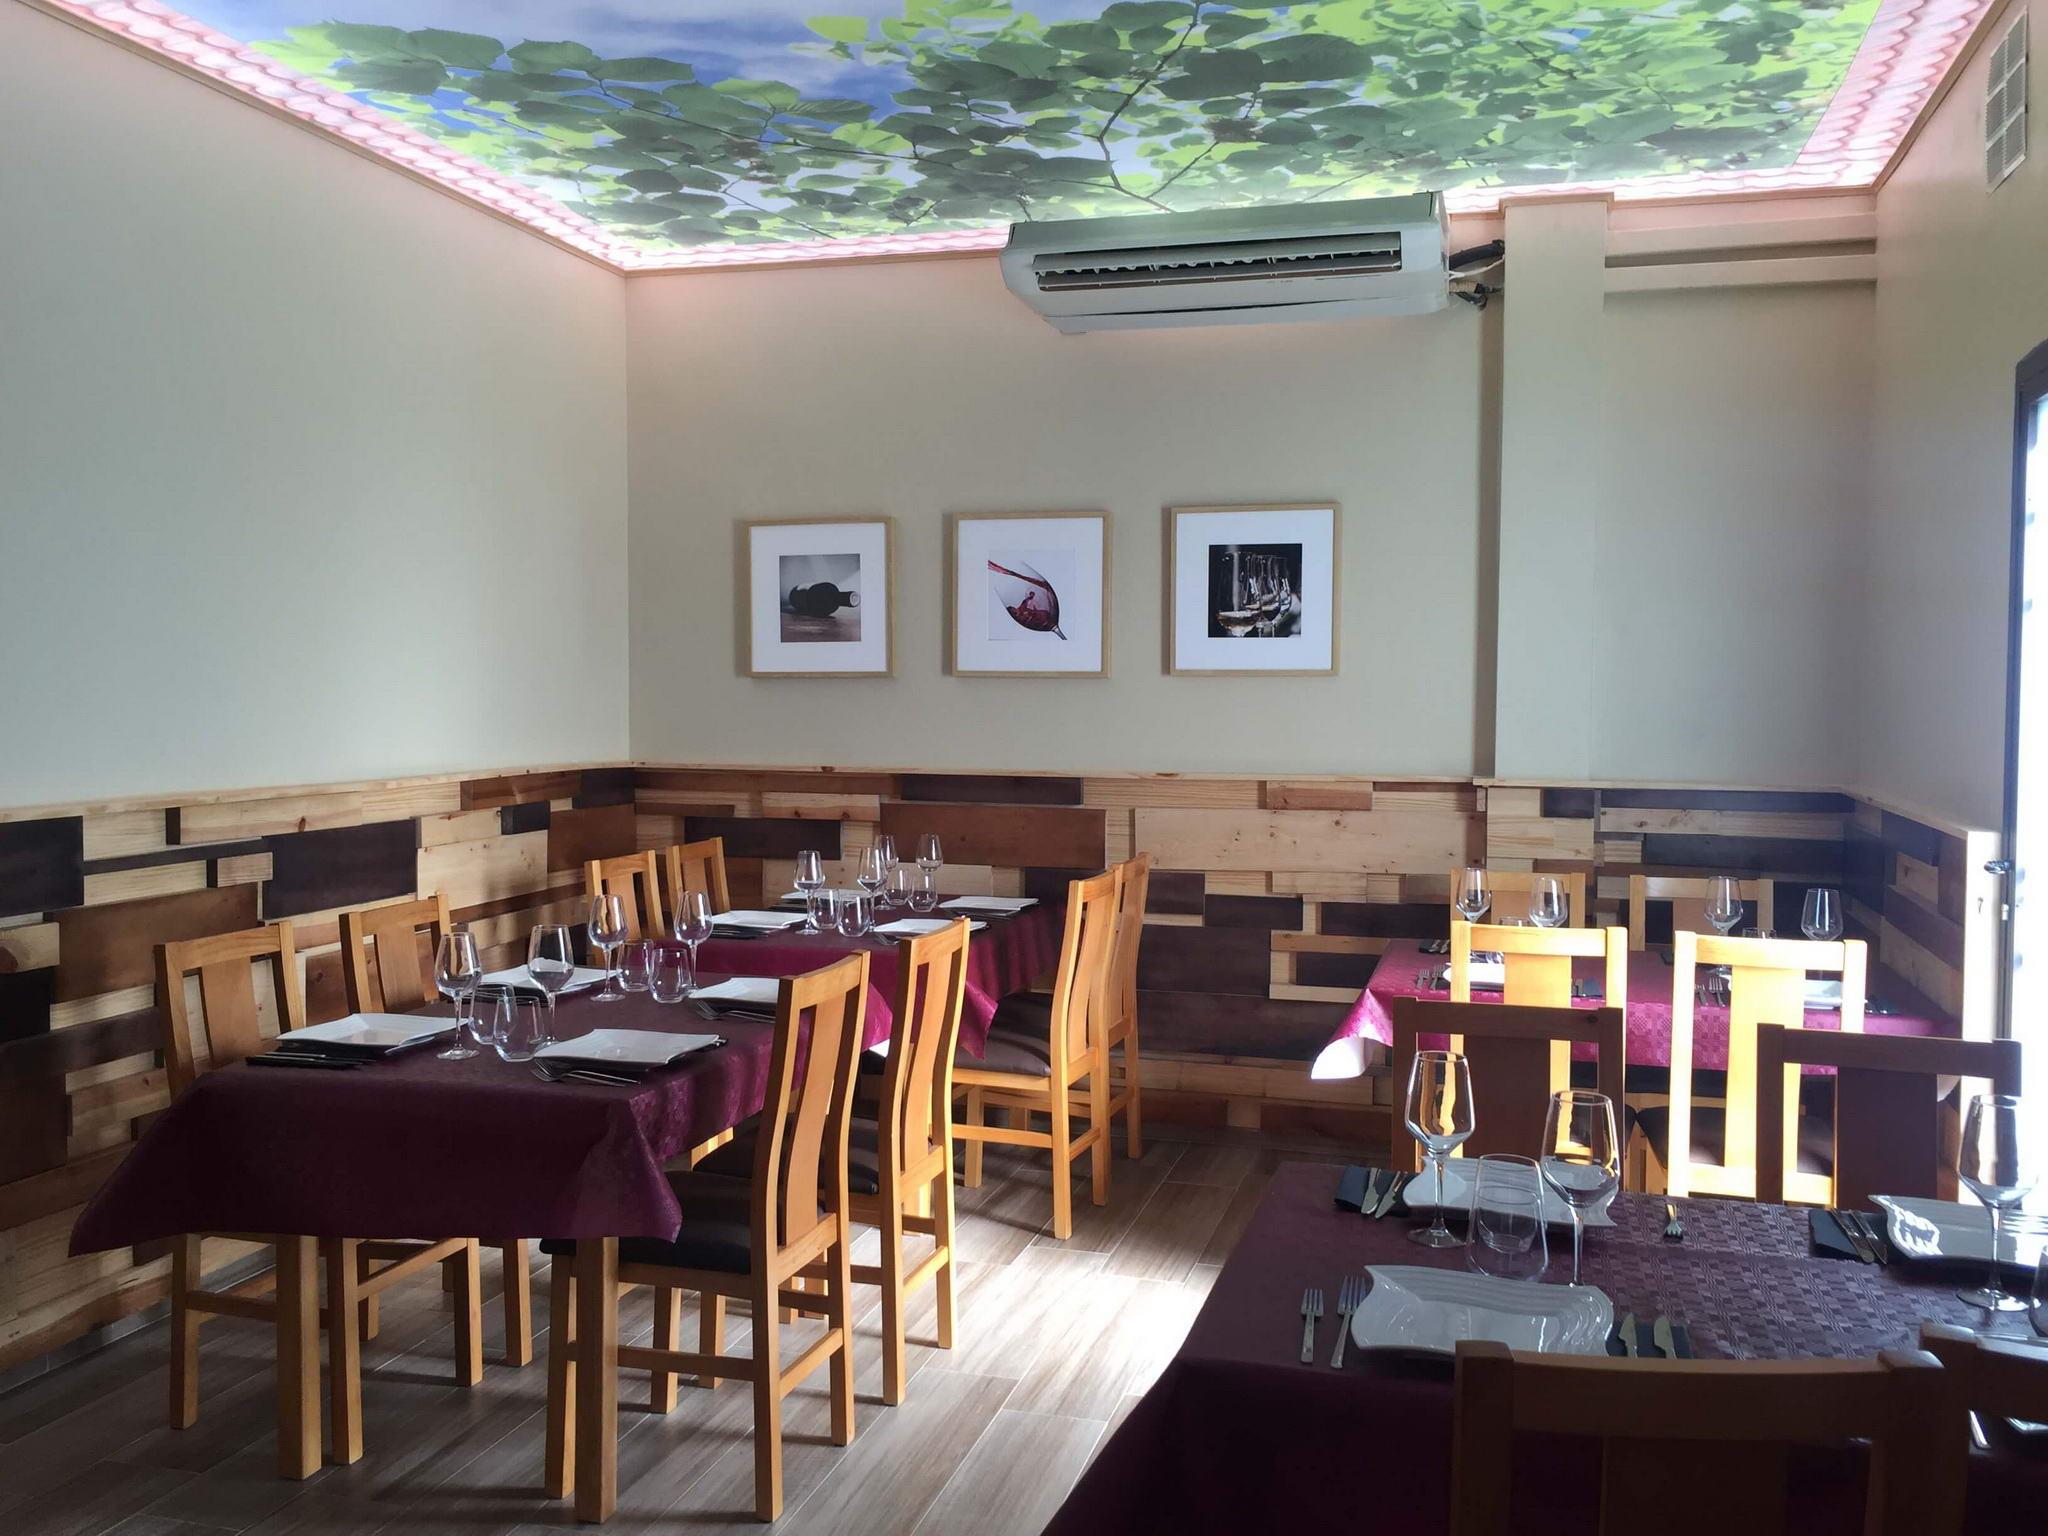 Grupo abrasador nuevo restaurante abrasador en illescas - Restaurantes en illescas toledo ...